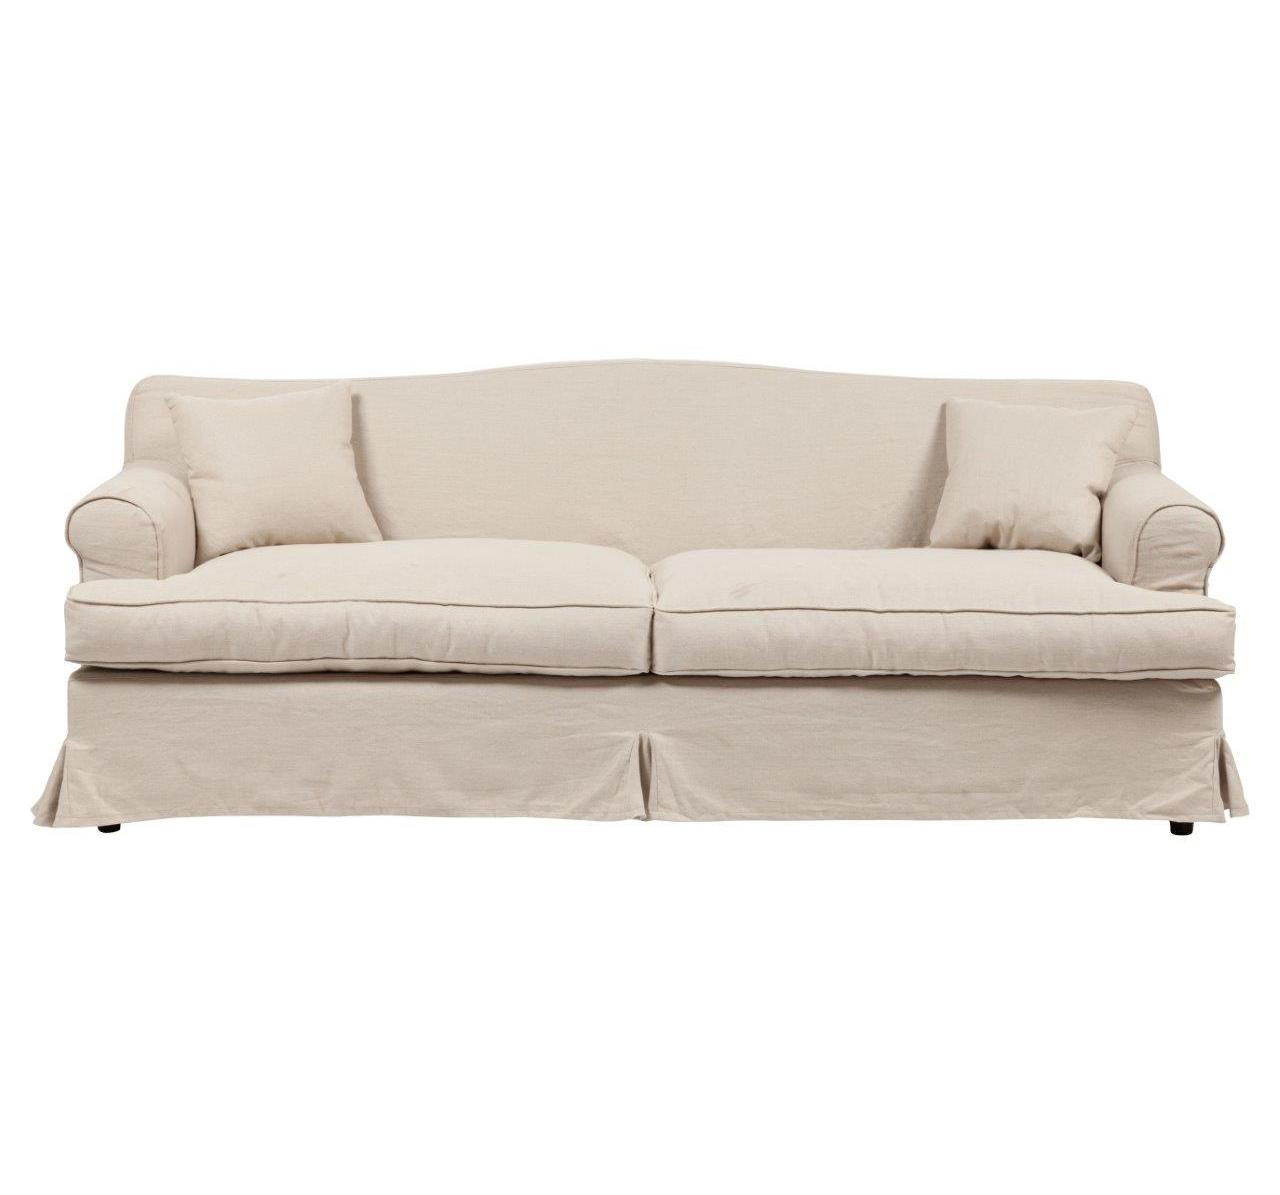 Диван FernandoТрехместные диваны<br>Современному интерьеру необходима соответствующая мебель, готовая предстать не только как вместилище красоты, но для идеального сидения, при этом, не искривляя осанки и помогая убрать тяжесть со спины. С диваном Fernando ваша комната примет совершенно иные очертания, где воцарятся дух и удовольствия, и деловых занятий. Достаточно тяжел, но, в то же время, мягок, способствуя расслаблению; после каждого вставания он легко возвращает свою форму, что позволяет его долго эксплуатировать. Не конфликтен в обращении, для уборки не требует повышенного внимания, легко чистится, пружинист, не способствует развитию заболеваний и впишется под любую планировку. Дизайн дивана Fernando — от знаменитого итальянского дизайнера Пьера Лиссони (Piero Lissoni).<br><br>Material: Лен<br>Width см: 235<br>Depth см: 85<br>Height см: 85